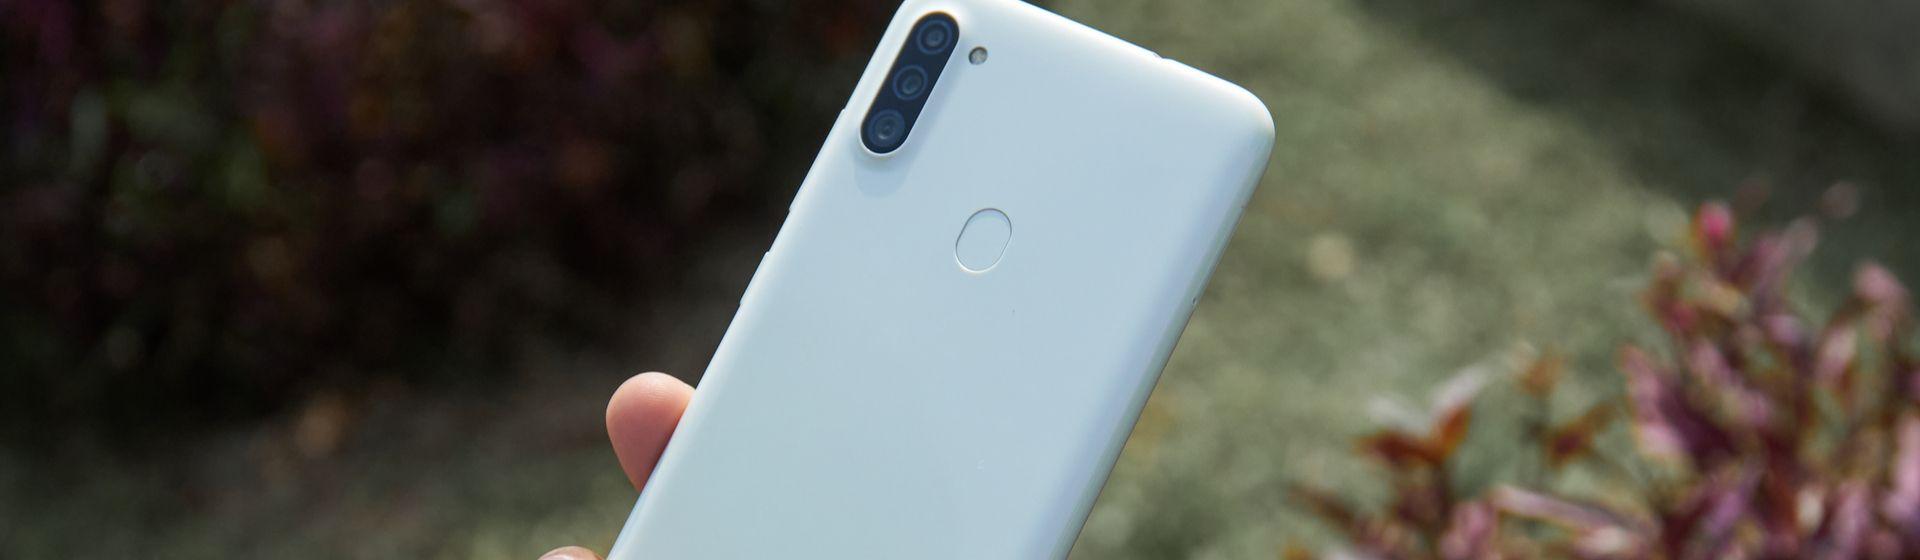 Celular bom e barato: 10 smartphones com preço baixo em 2020